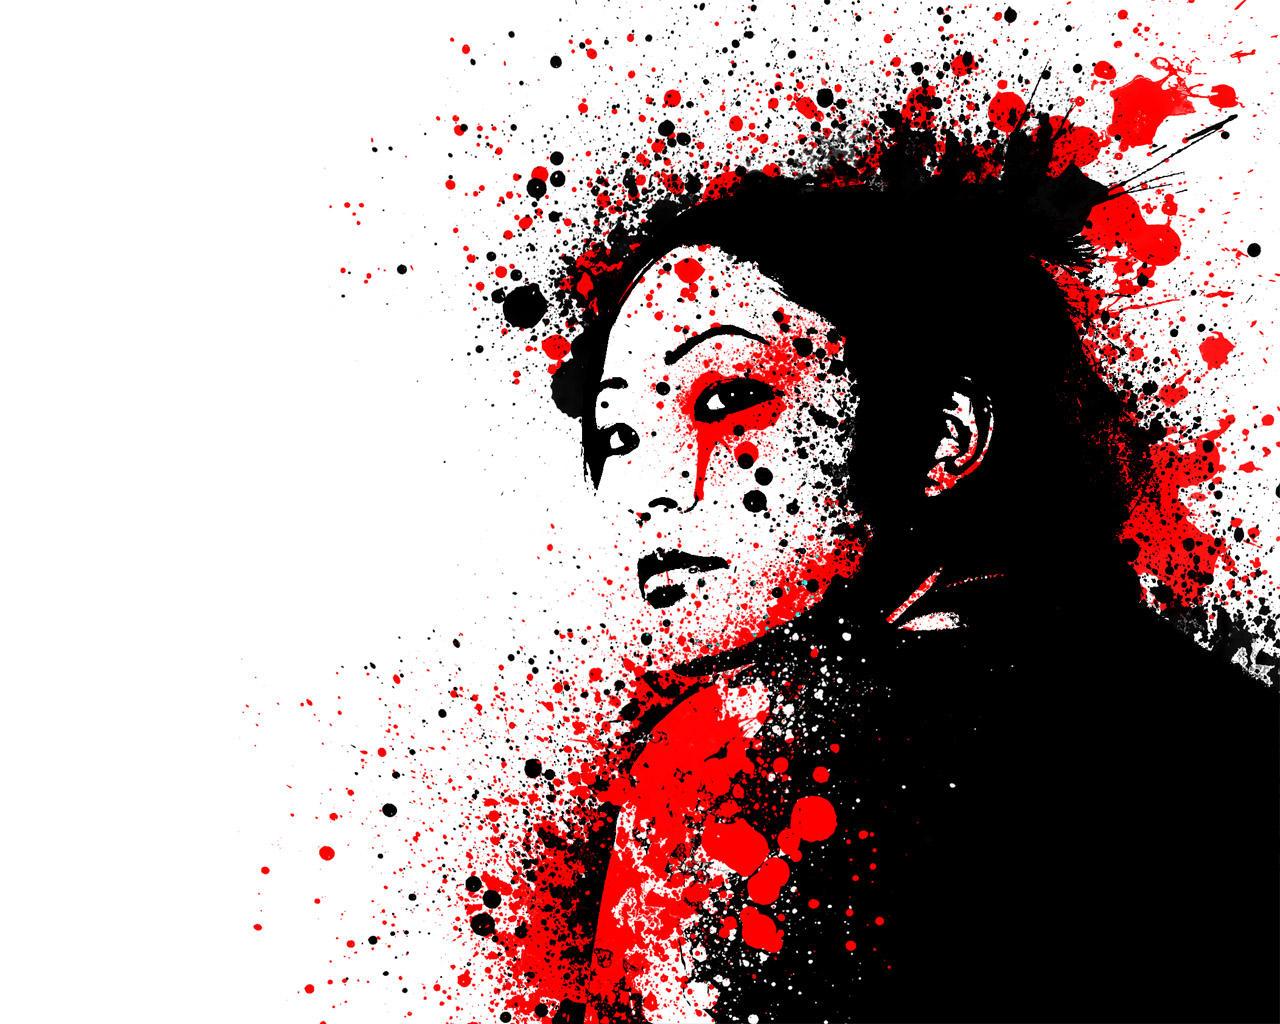 Splatter Ann by evilneil